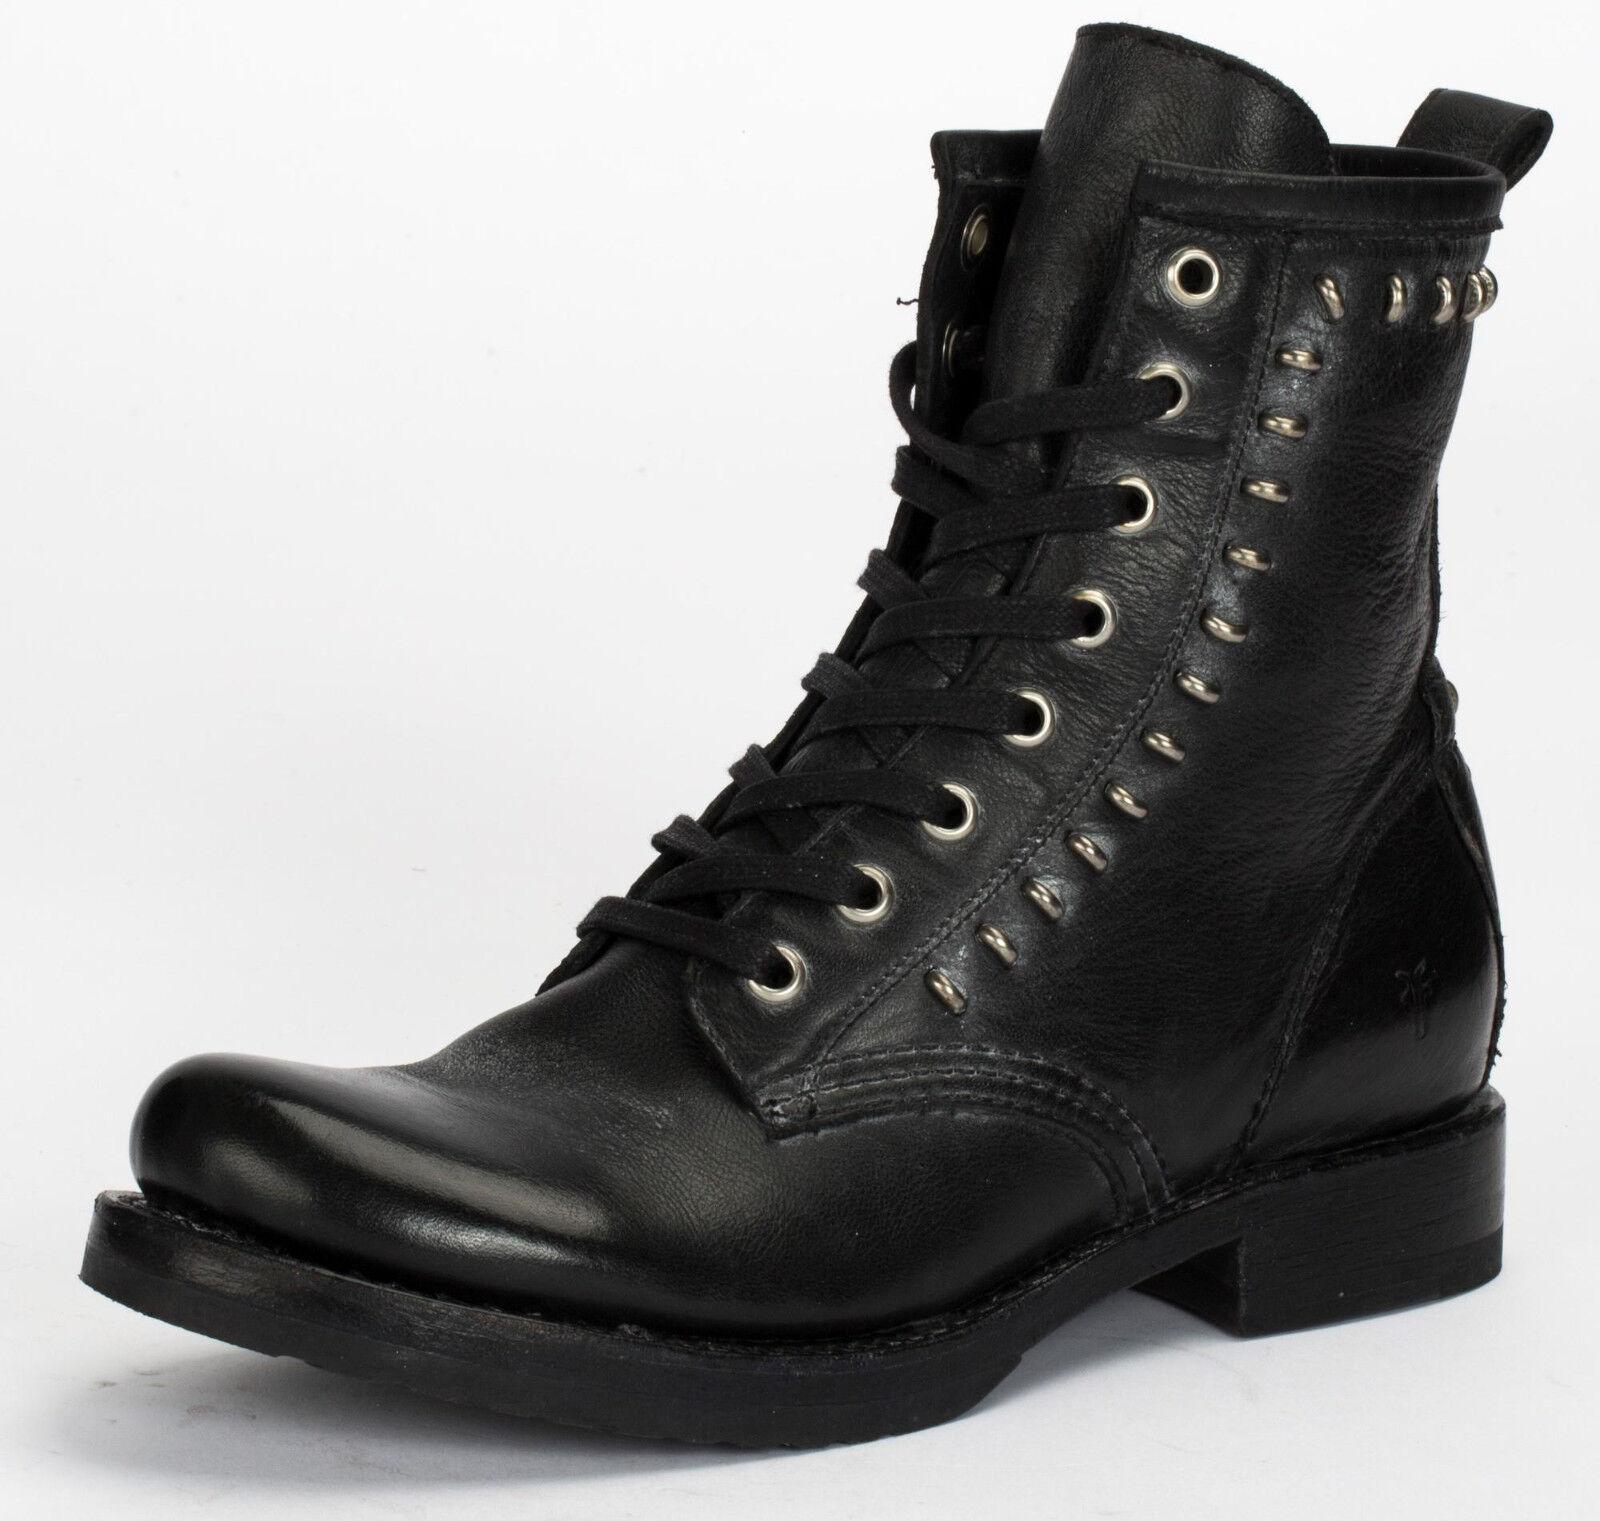 Frye Veronica para Mujer botas botas botas De Cuero Negro de combate rebeldes 3476241-negro   garantía de crédito